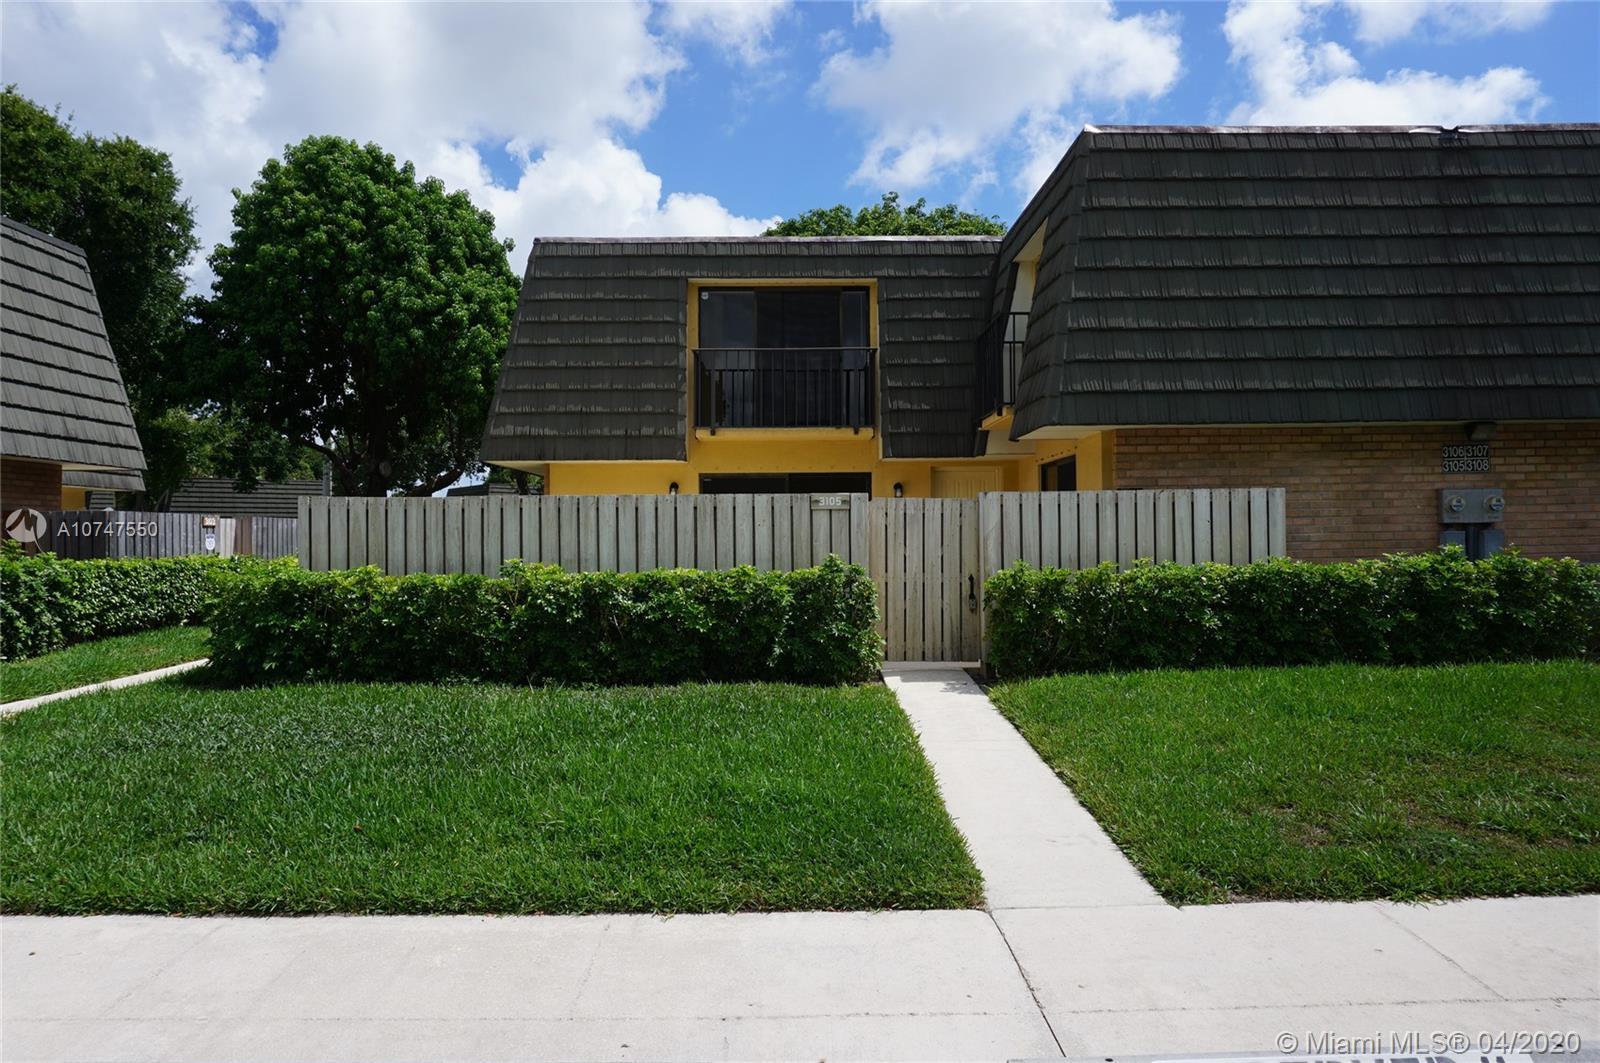 3105 31st Way -, West Palm Beach, FL 33407